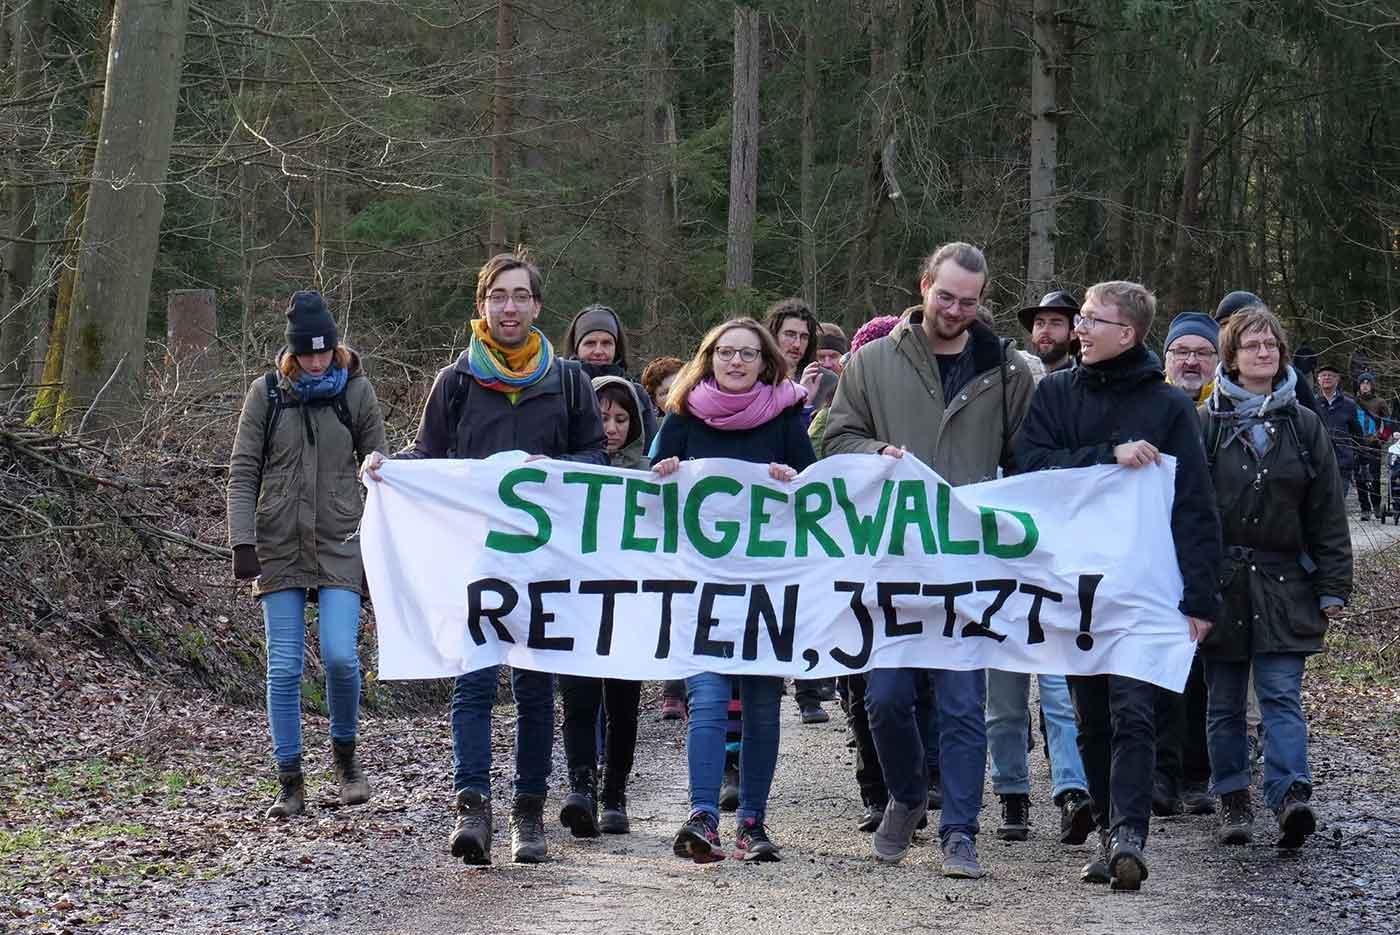 Jetzt Steigerwald retten mit MdB Lisa Badum und GJ-Bezirkssprecher Luca Rosenheimer